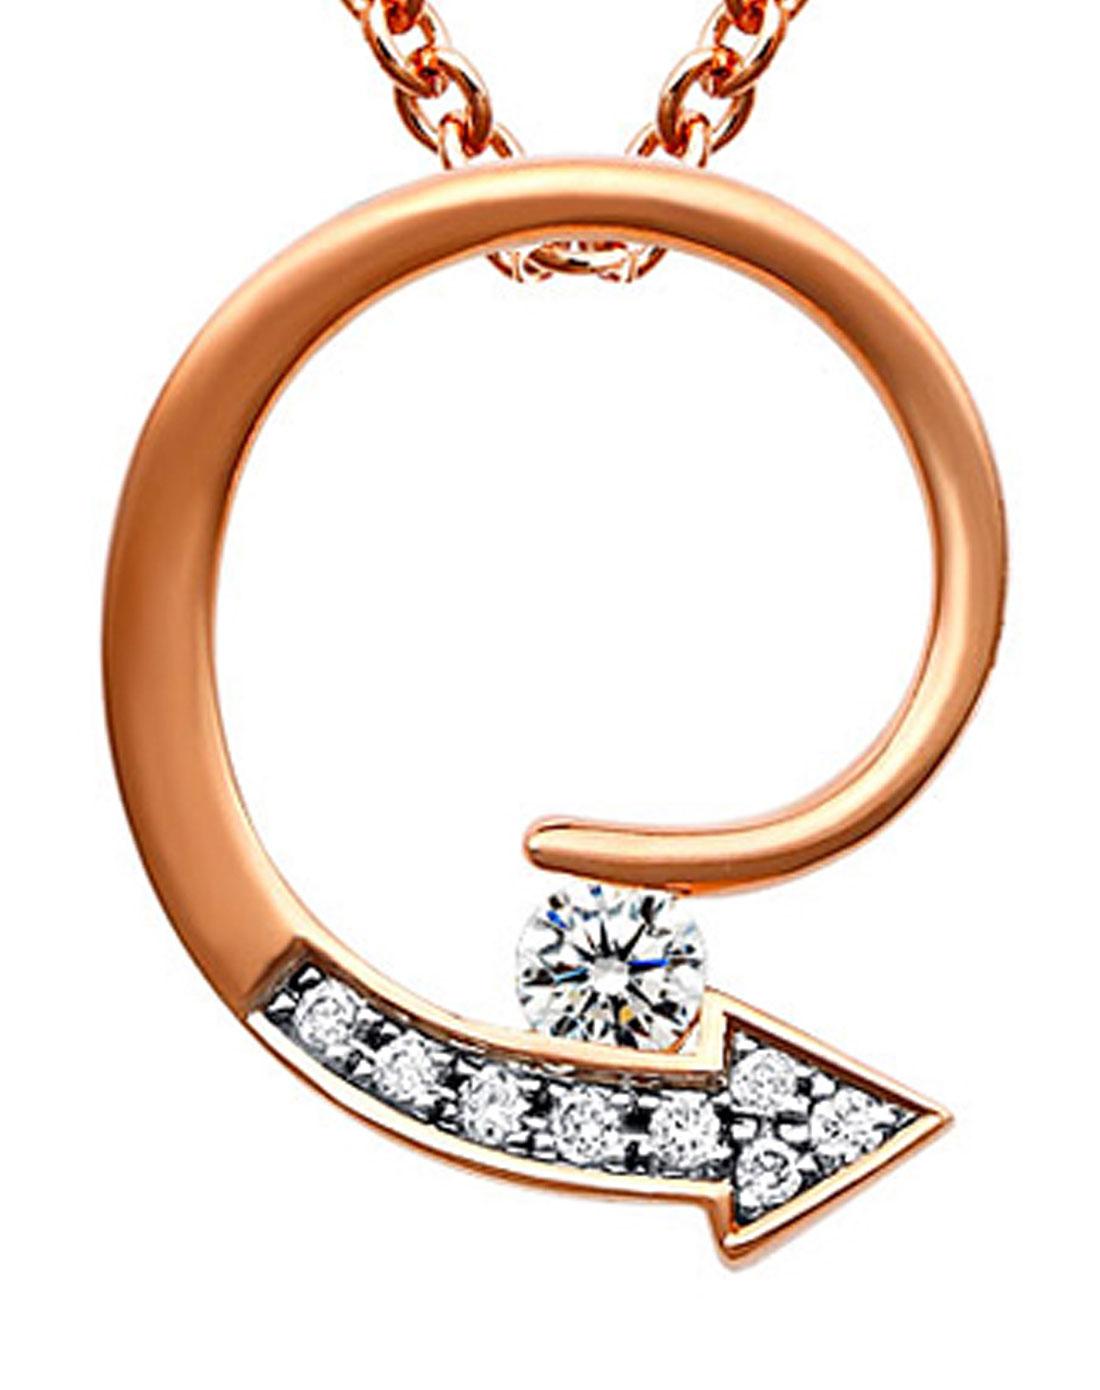 olzbw珠宝女款精巧漩涡指示箭头镶钻坠饰项链白/金色p